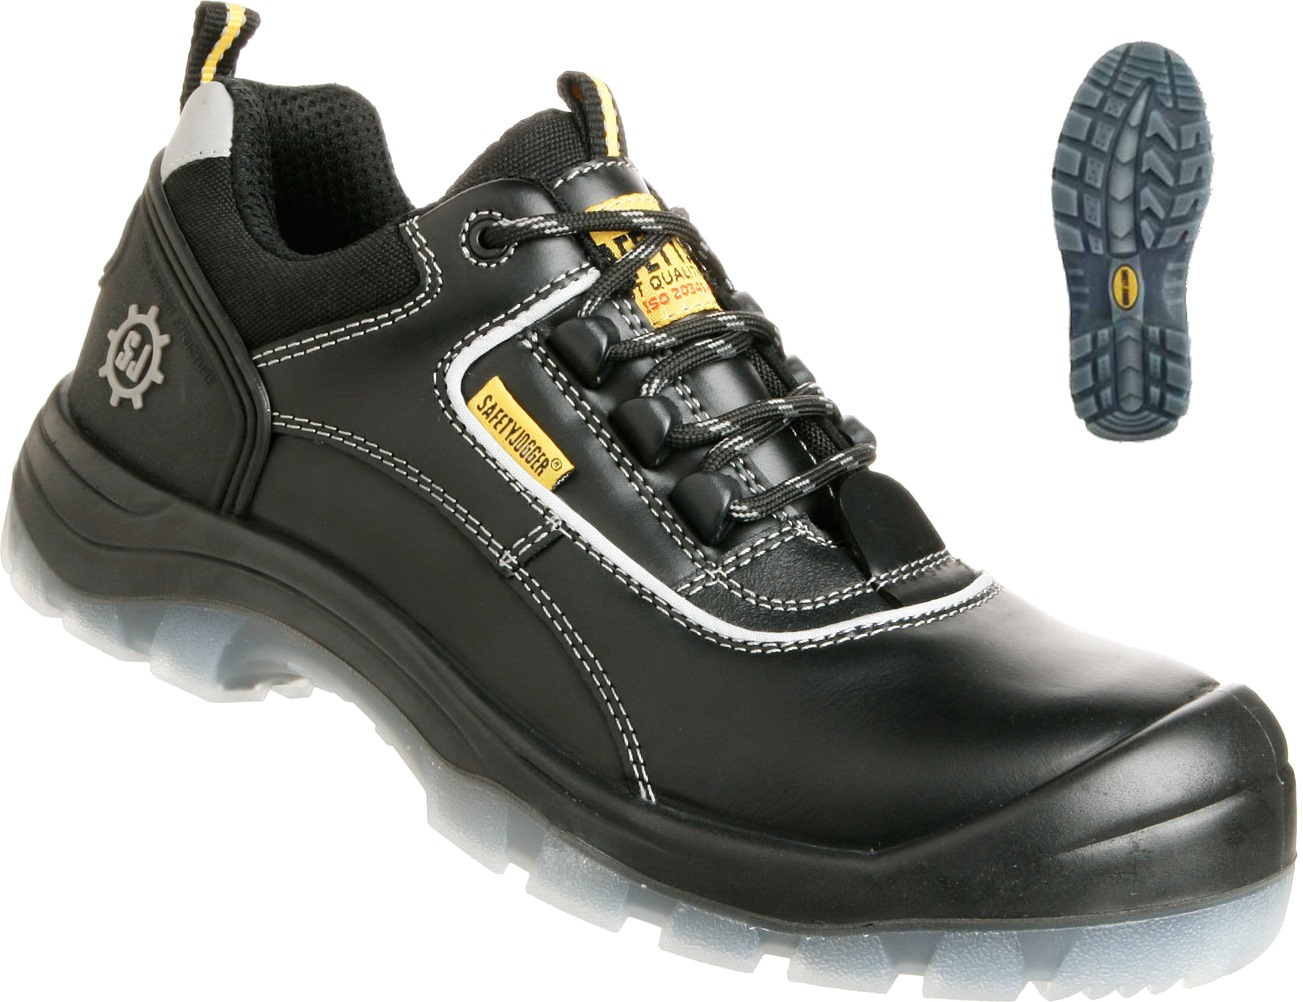 Giày da bảo hộ  Nova S3  Safety Jogger